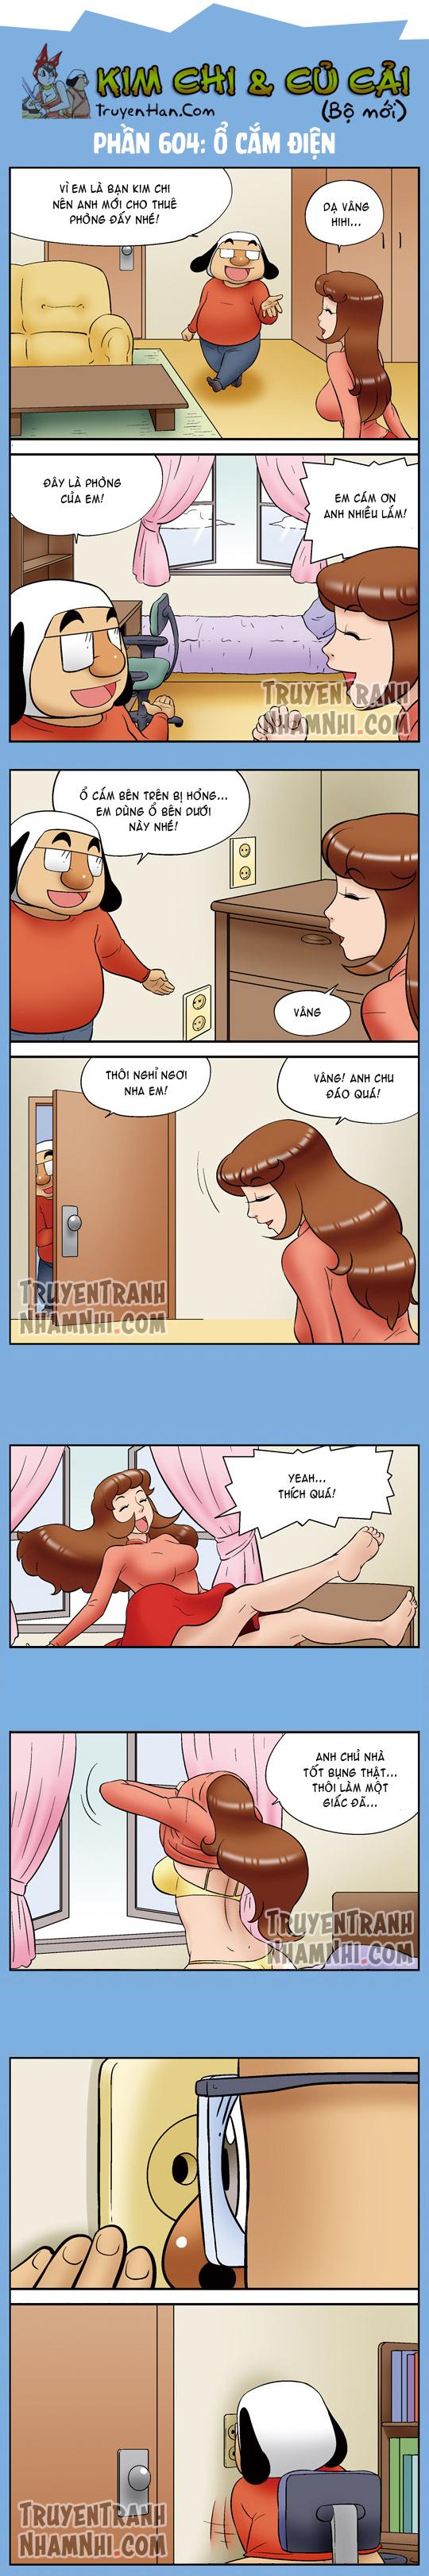 Kim Chi Và Củ Cải Phần 604: Ổ cắm điện